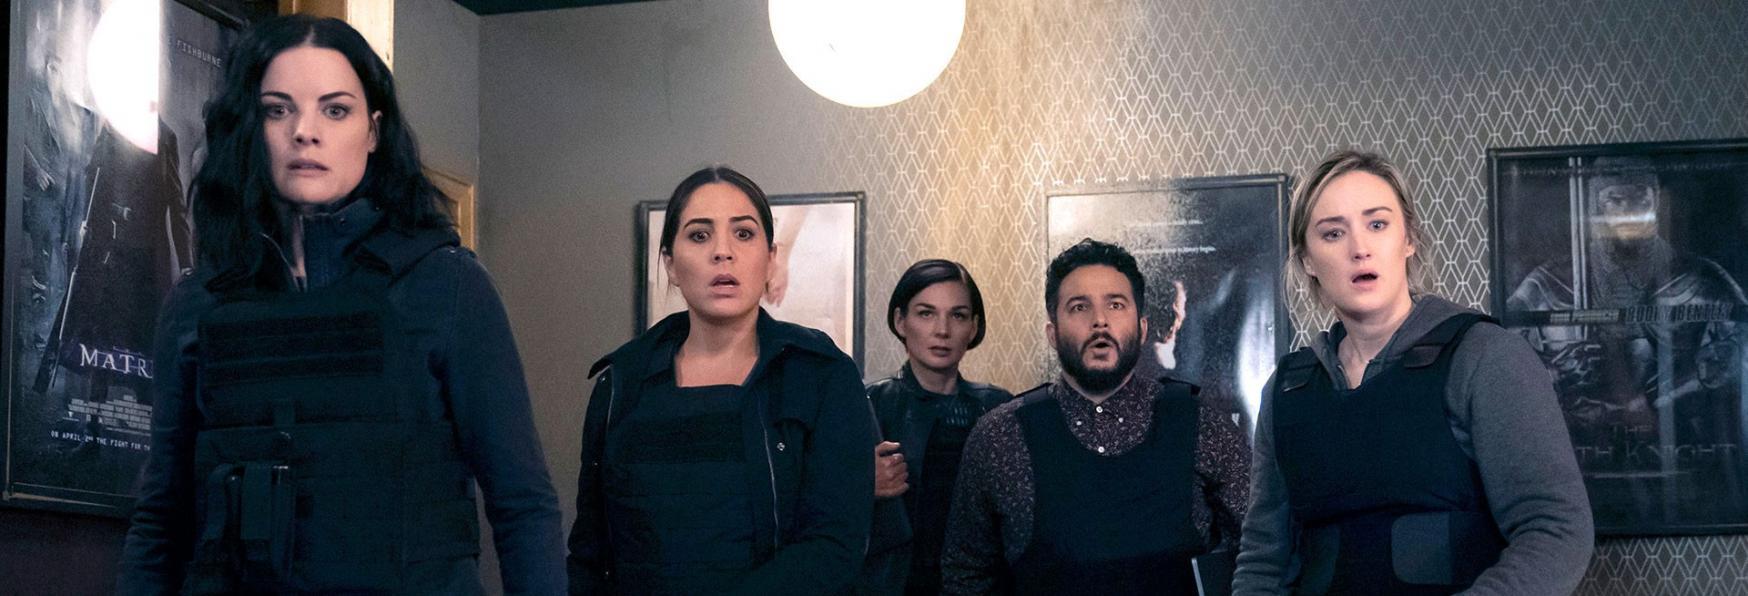 Blindspot: un possibile Spin-off della nota Serie TV targata NBC